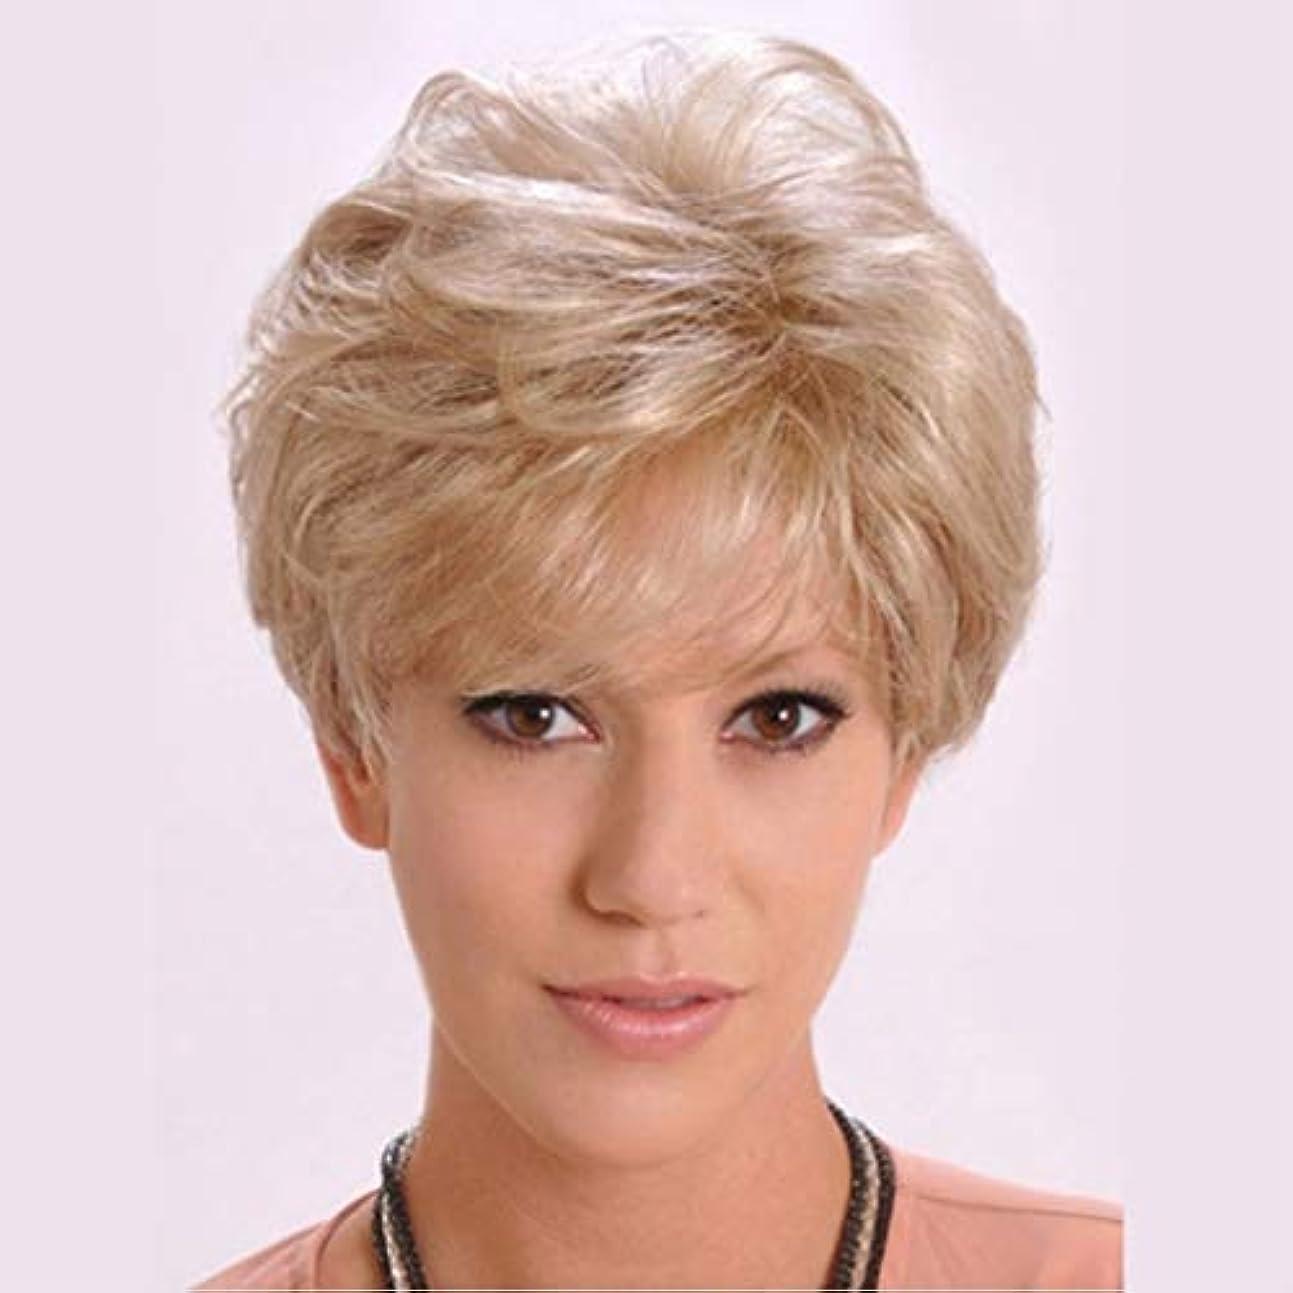 先例臭い確立Kerwinner 女性のための短い巻き毛のかつら短い髪のふわふわブロンドの巻き毛のかつら (Color : Light brown)